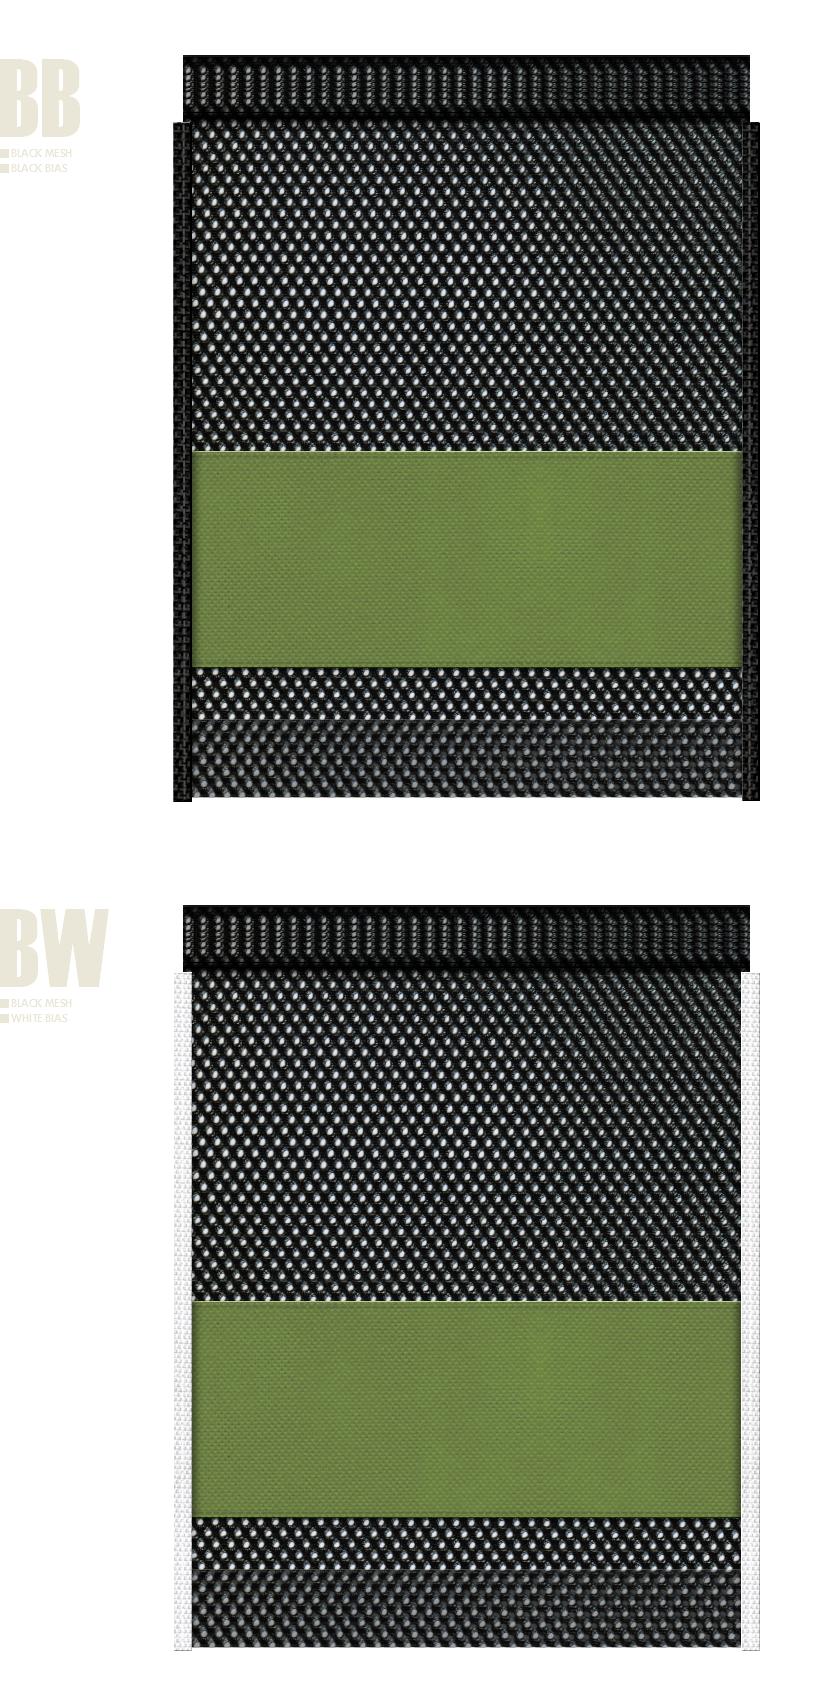 黒色メッシュと草色不織布のメッシュバッグカラーシミュレーション:ジャングル・アニマル・恐竜・キャンプ用品・アウトドア用品のショッピングバッグにお奨め